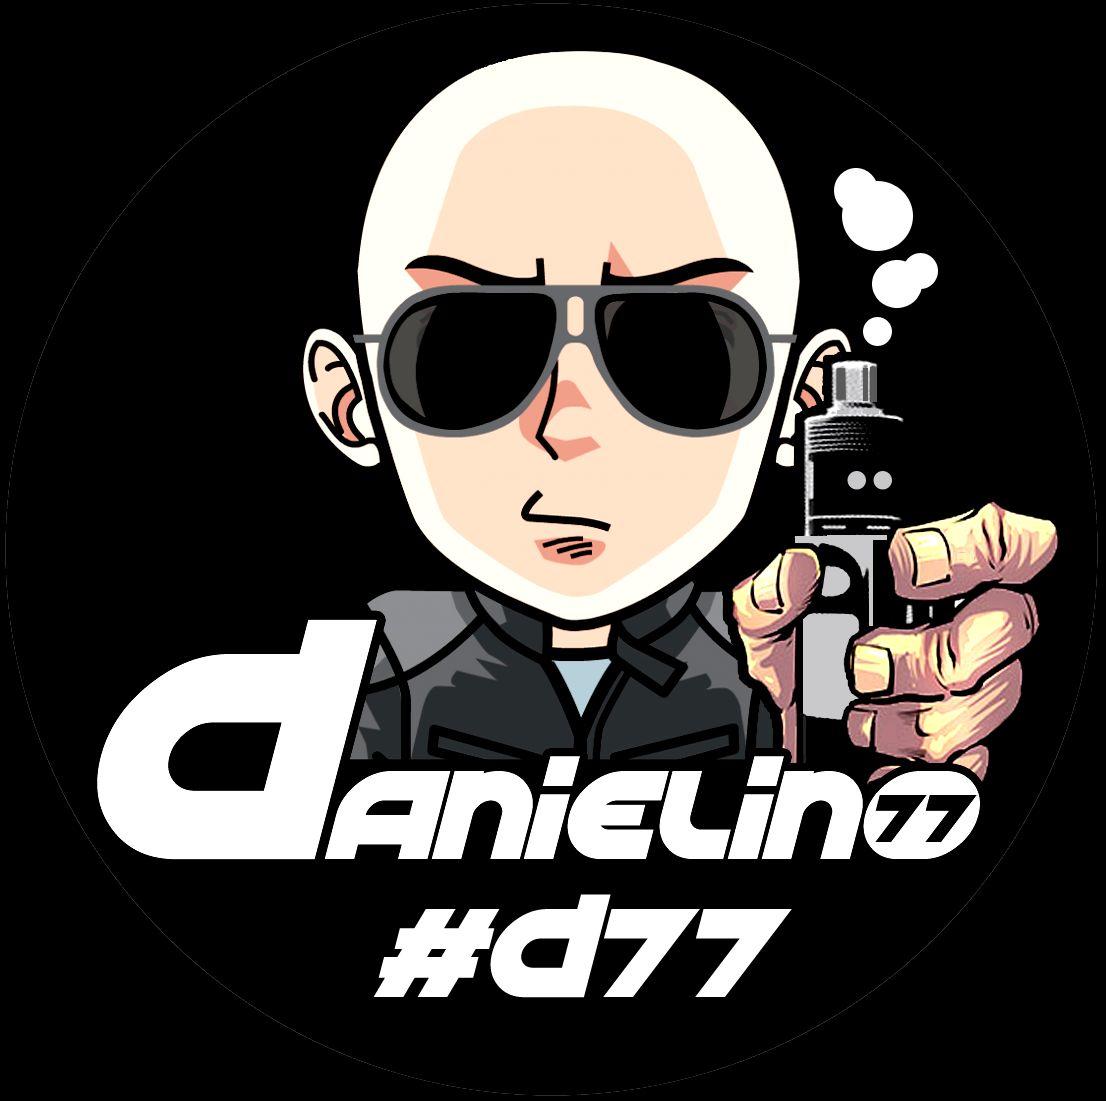 Liquido Danielino77 #nope #round